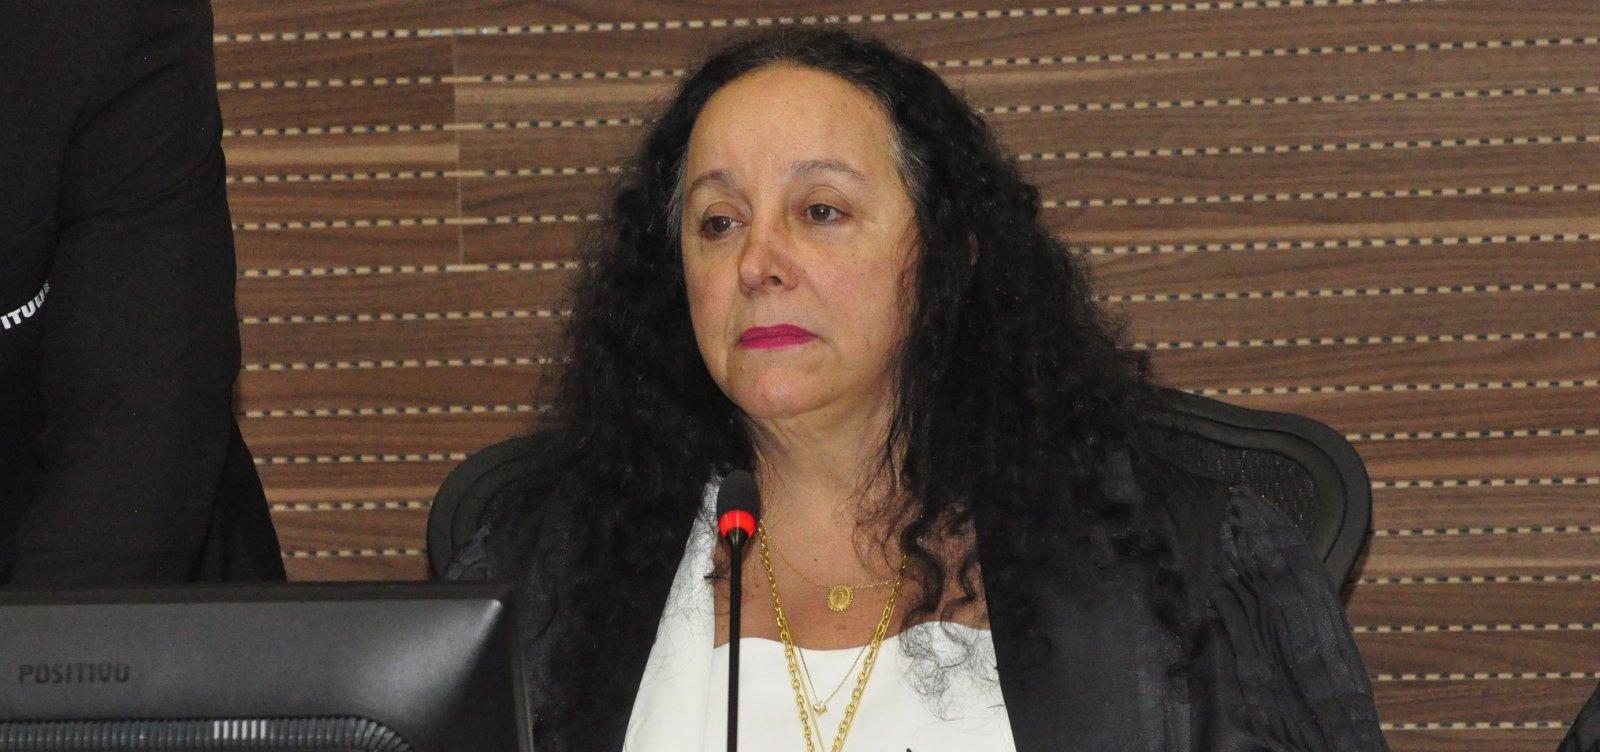 Operação Faroeste: PF apreendeu R$ 100 mil em casa de ex-presidente do TJ